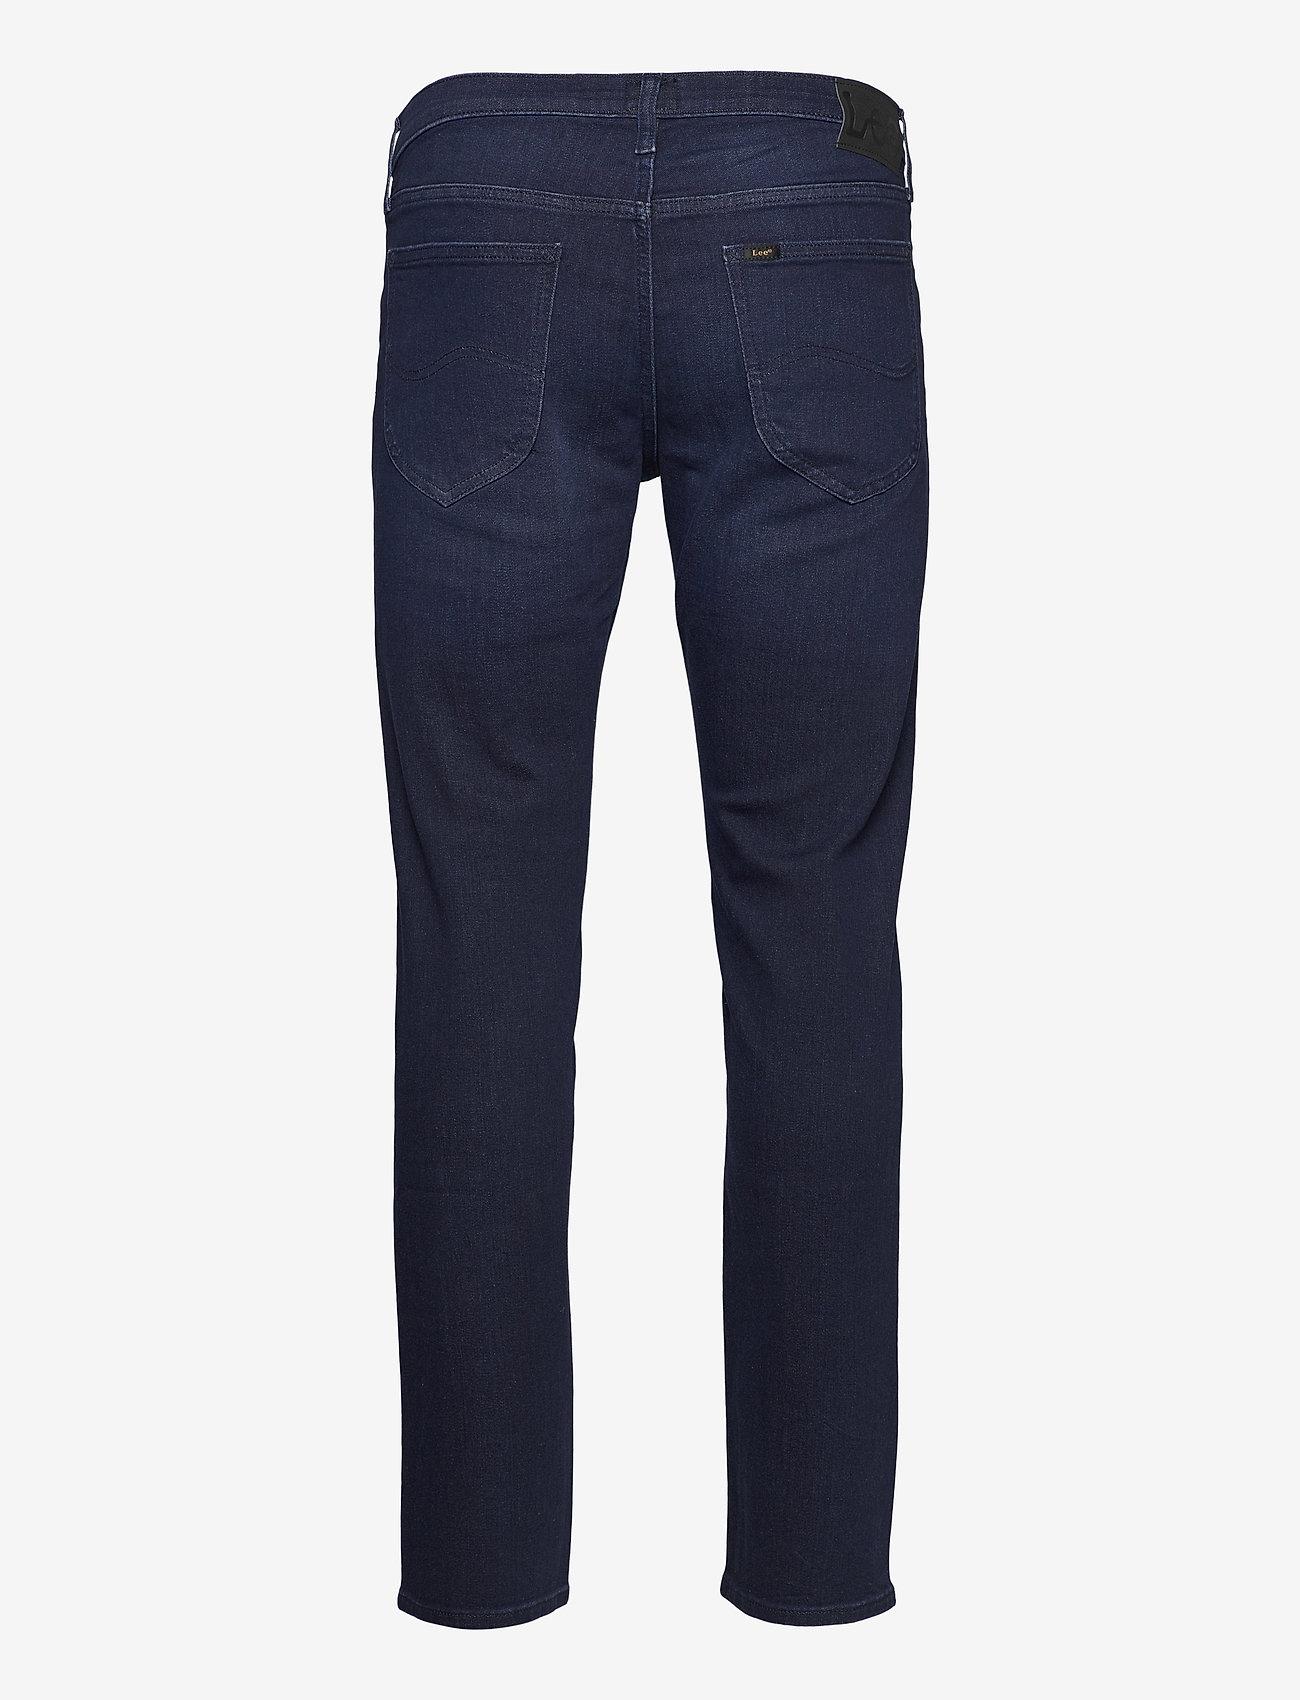 Lee Jeans - DAREN ZIP FLY - regular jeans - clean dk ray - 1